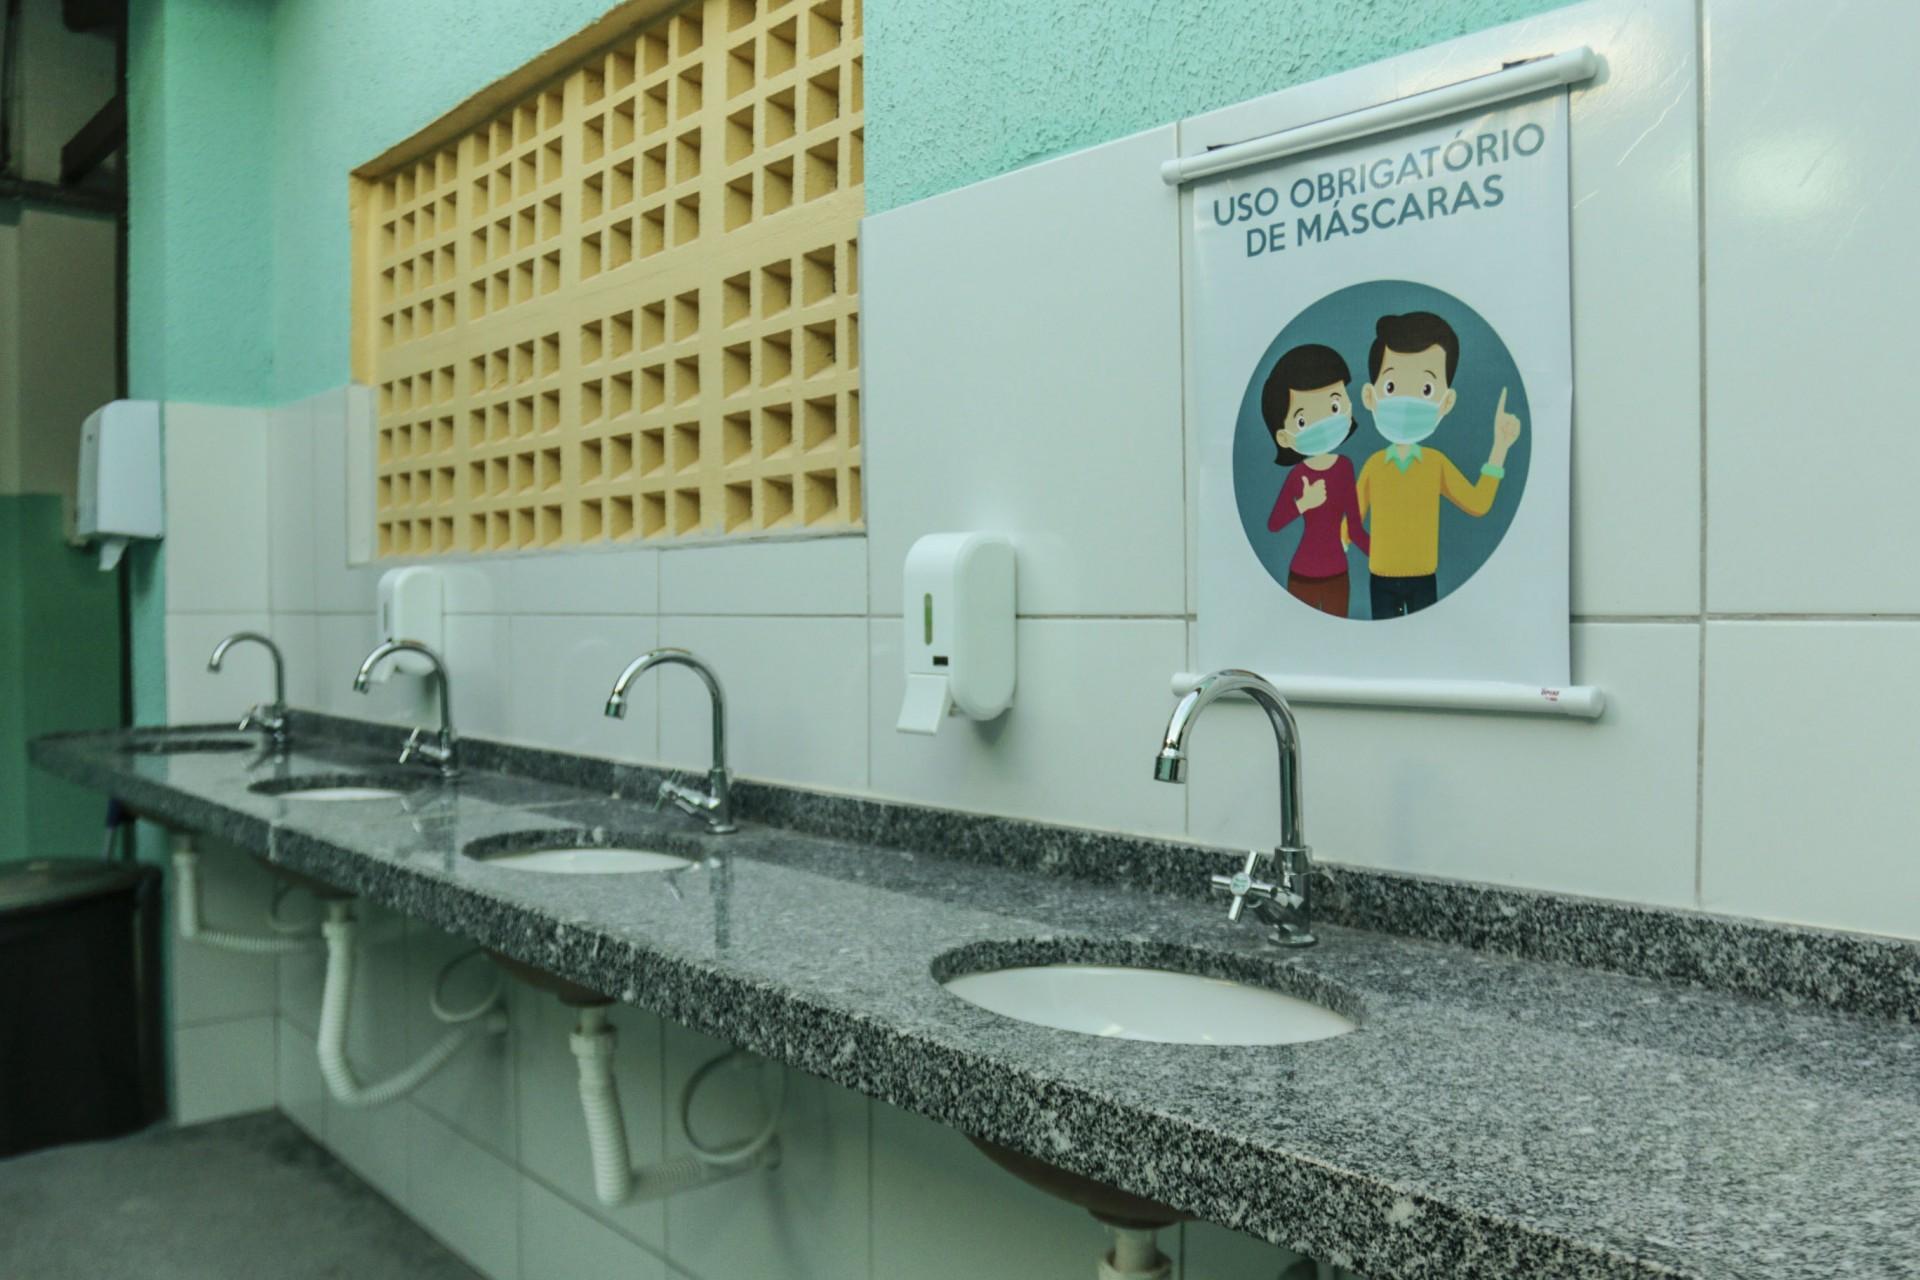 Cuidados com higiene são cruciais no retorno às aulas presenciais (Foto: Barbara Moira)